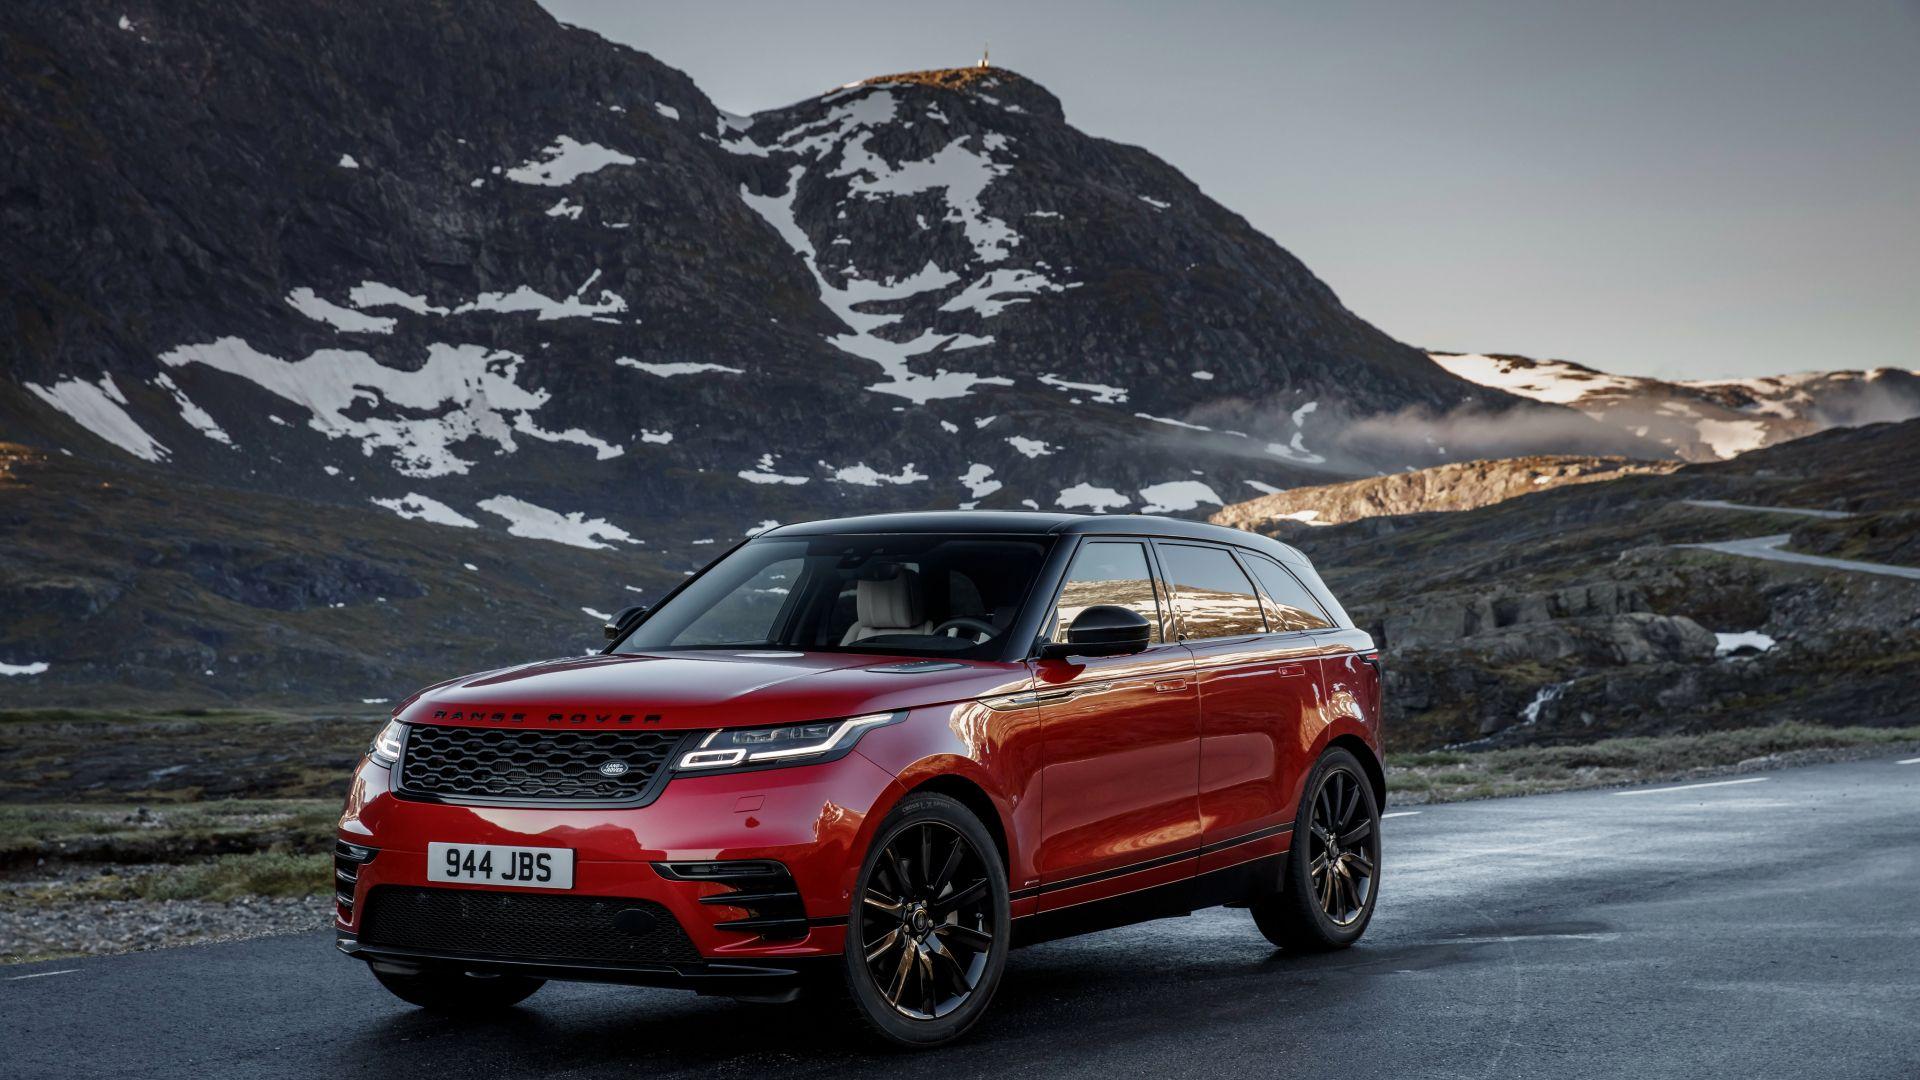 Desktop Wallpaper New Range Rover Velar R Dynamic, Red Car ...